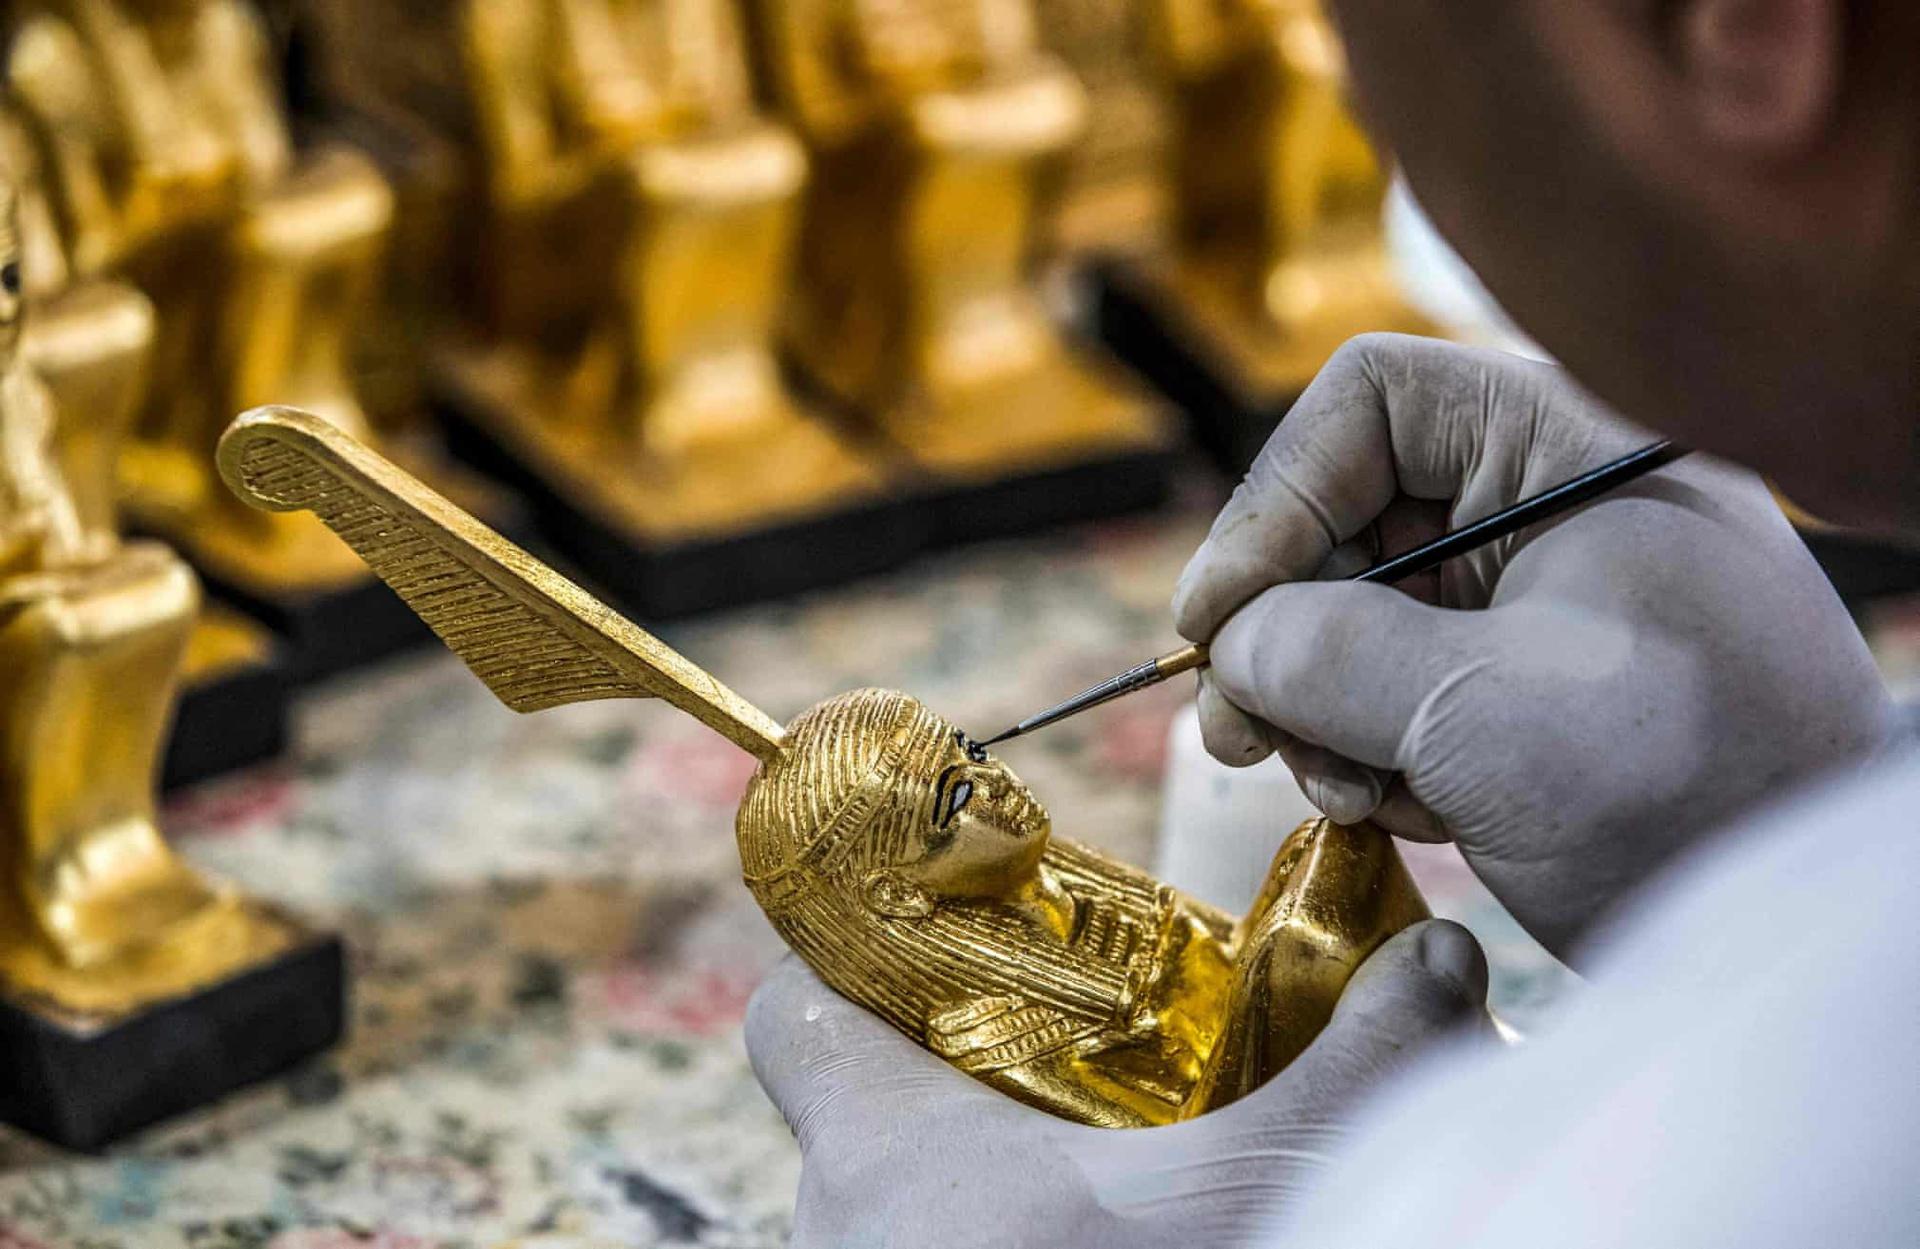 Nhà máy Konouz sản xuất đồ nội thất, tượng và tranh vẽ về 4 thời kỳ chính của di sản Ai Cập: Pharaonic, Greco - Roman, Coptic và Hồi giáo. Các bản sao, theo tỷ lệ 1:1 hoặc thu nhỏ, được lưu hành kèm theo chứng chỉ xác thực chính thức do chính phủ cấp.